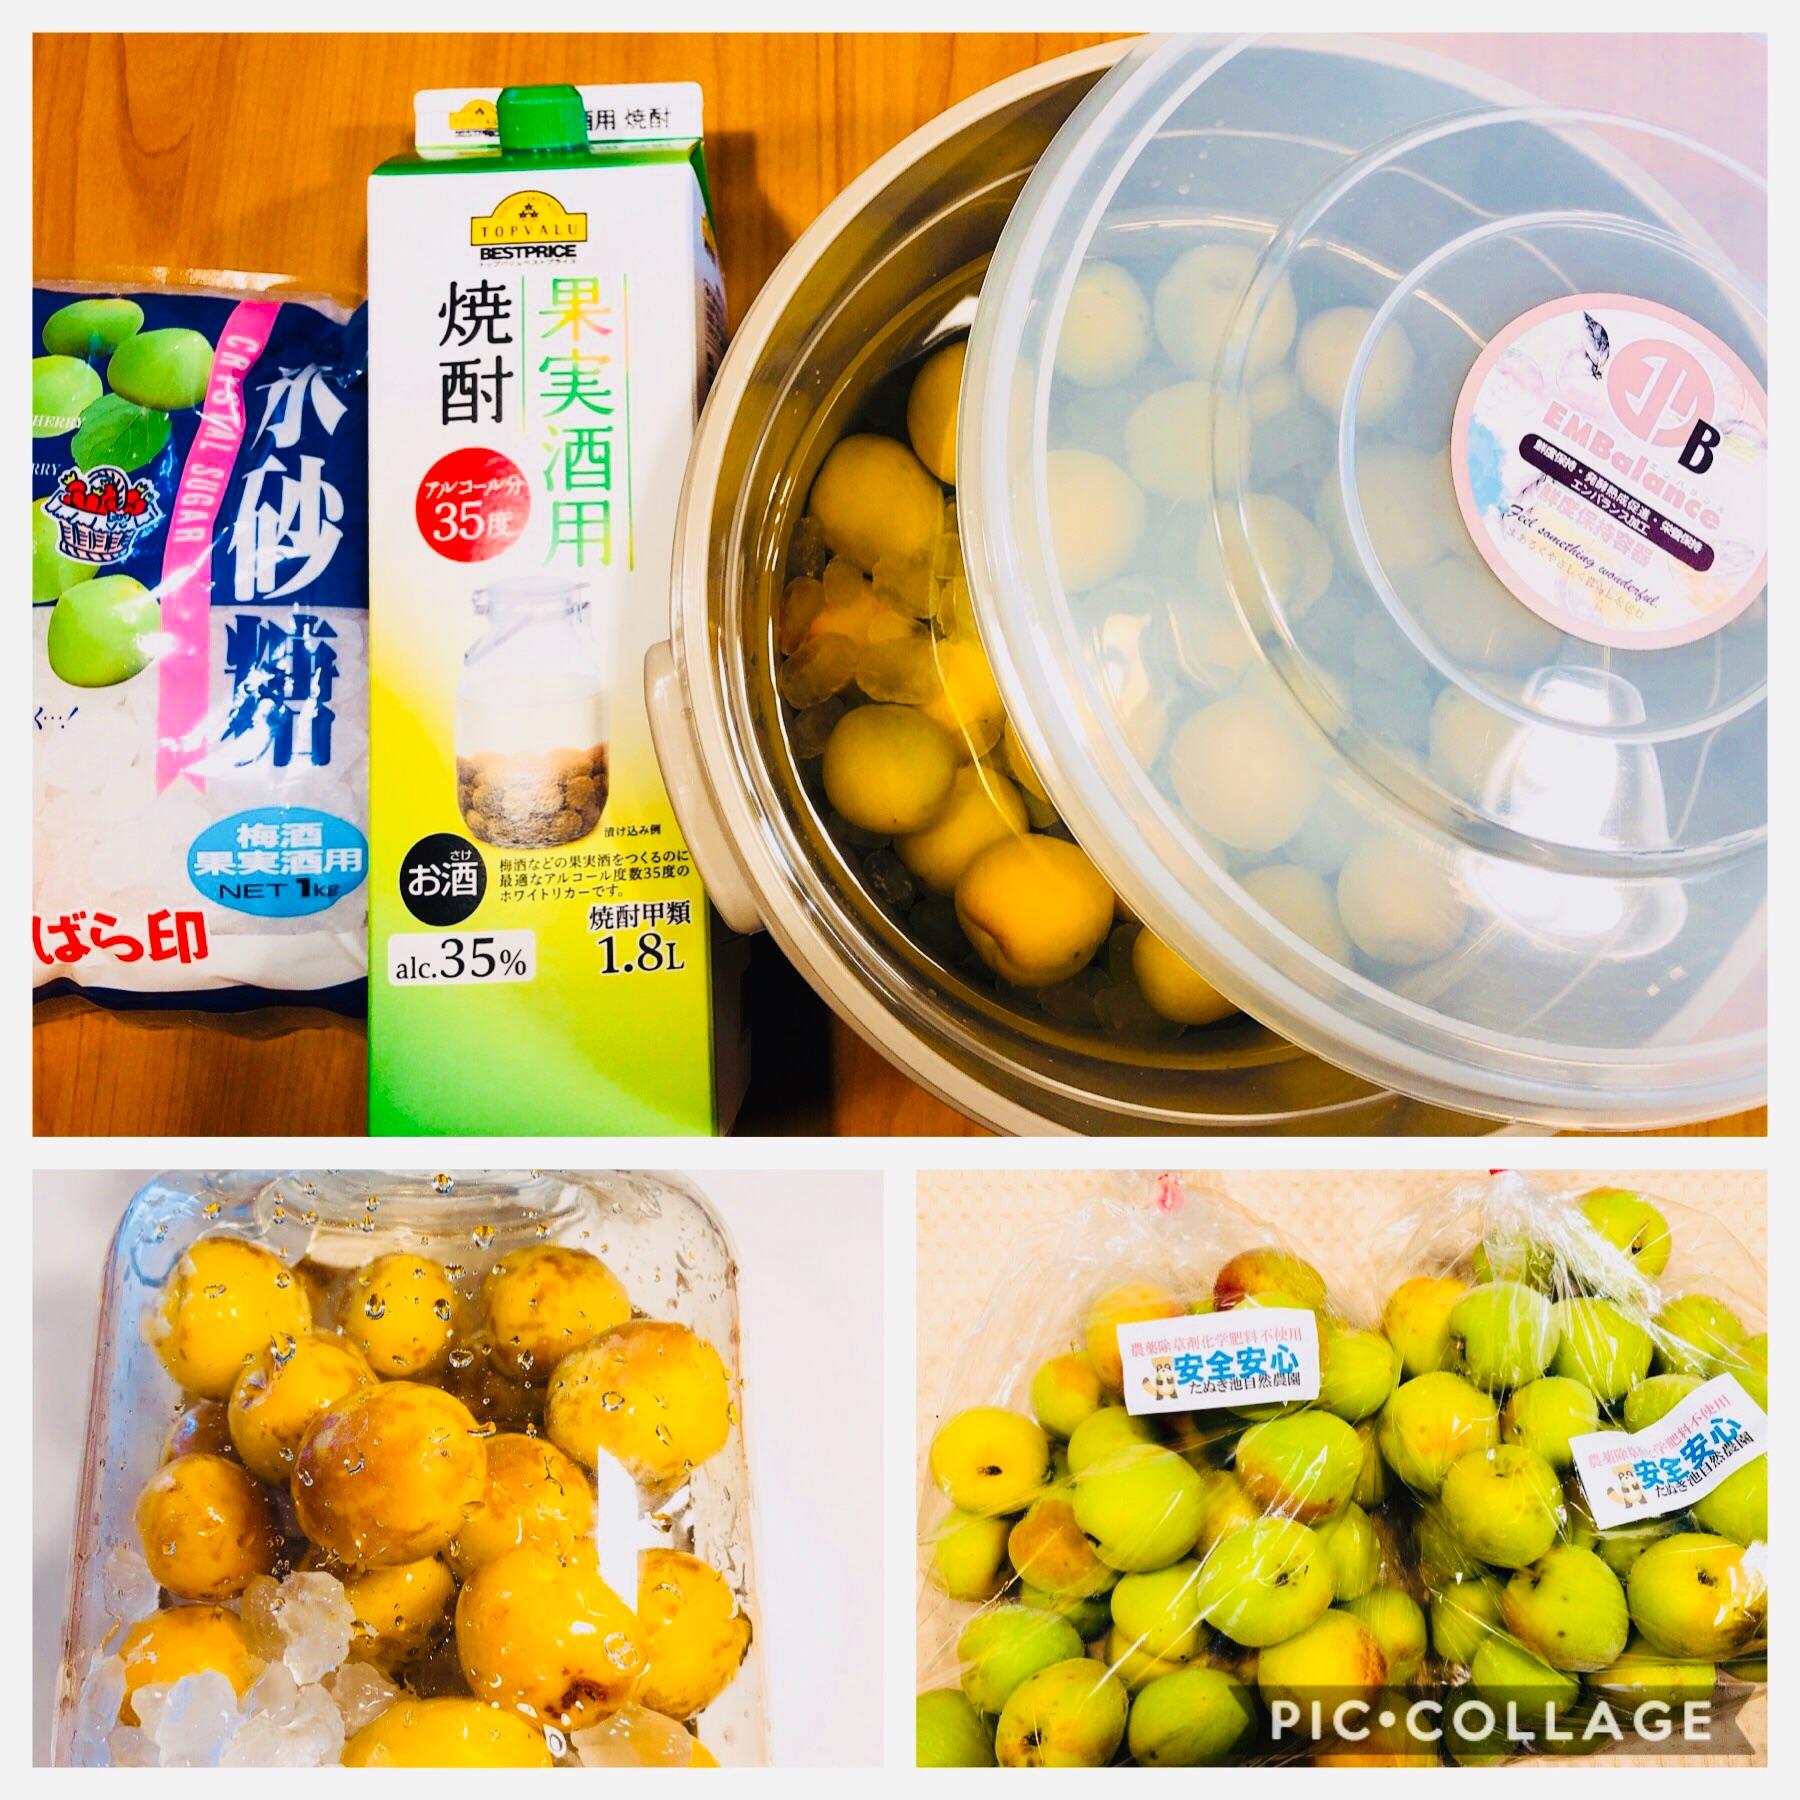 f:id:allergy_nagasakikko:20190611180323j:image